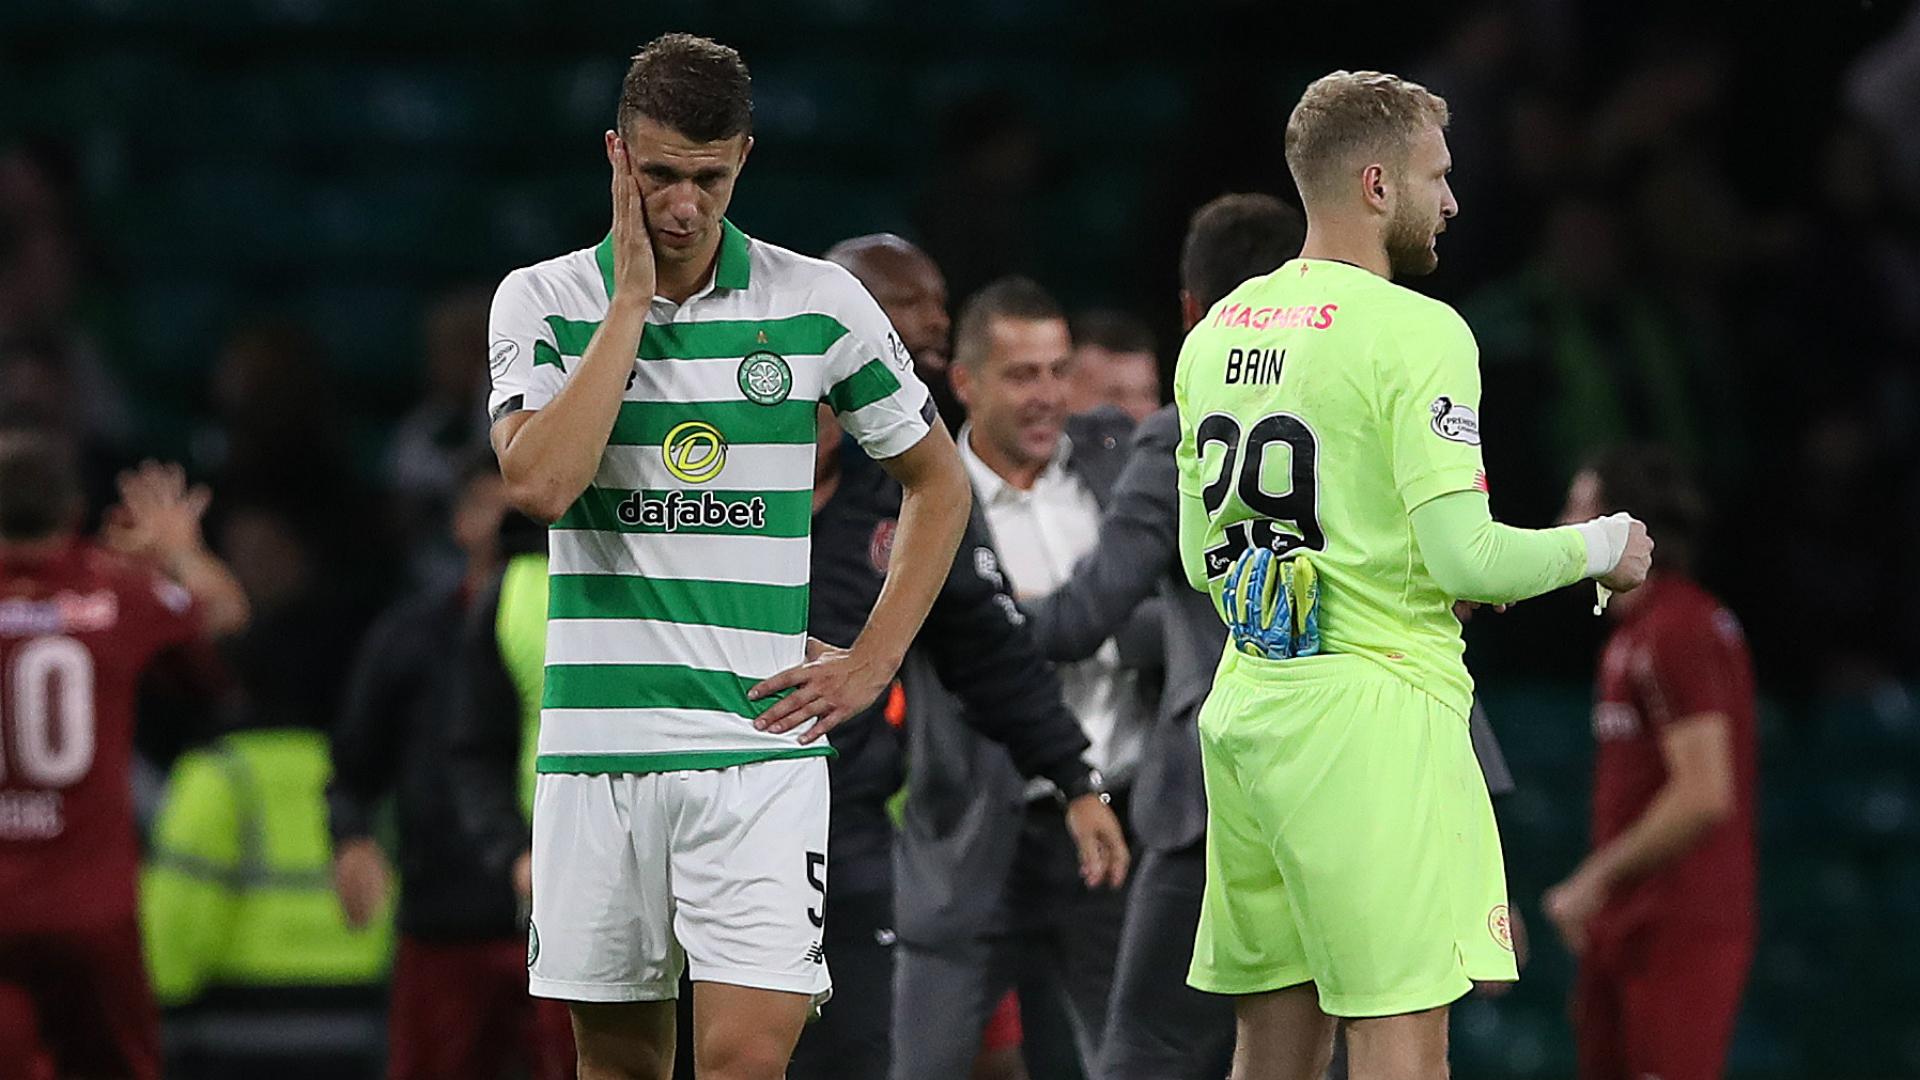 Lennon bemoans 'crazy, suicidal' goals after Celtic crash out of Champions League